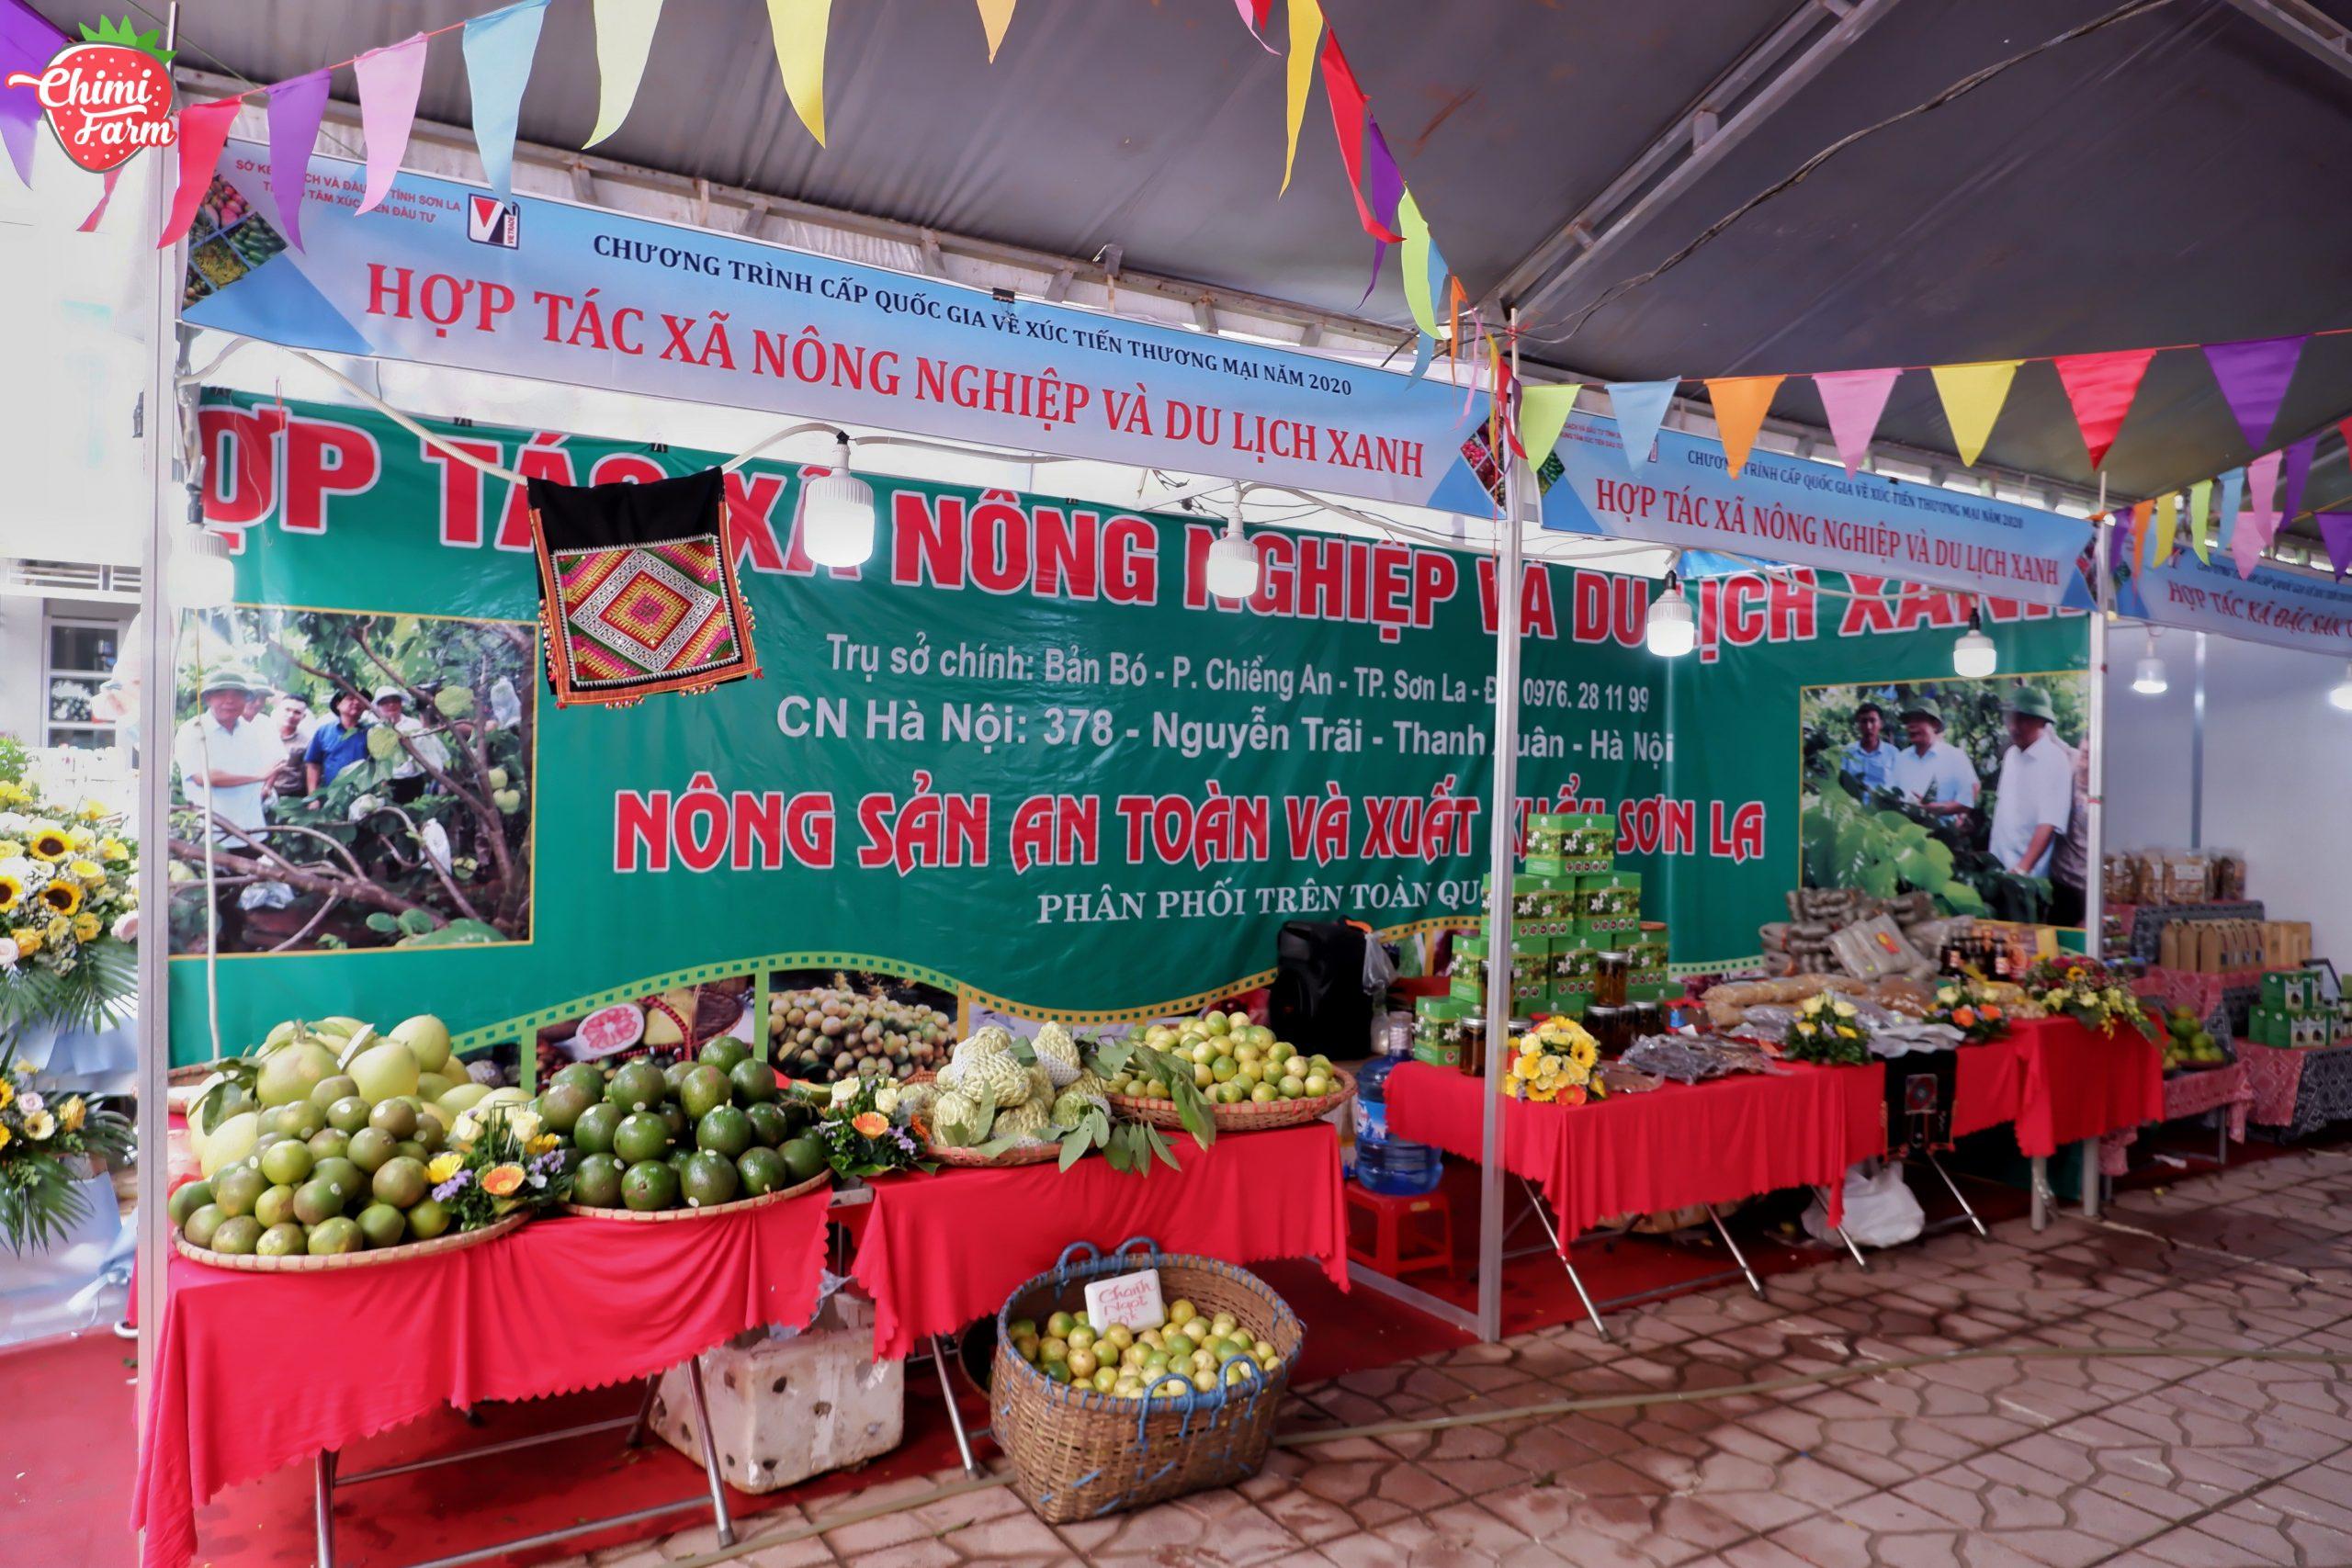 Hội chợ thương mại nông sản vùng Tây Bắc diễn ra tại Mộc Châu